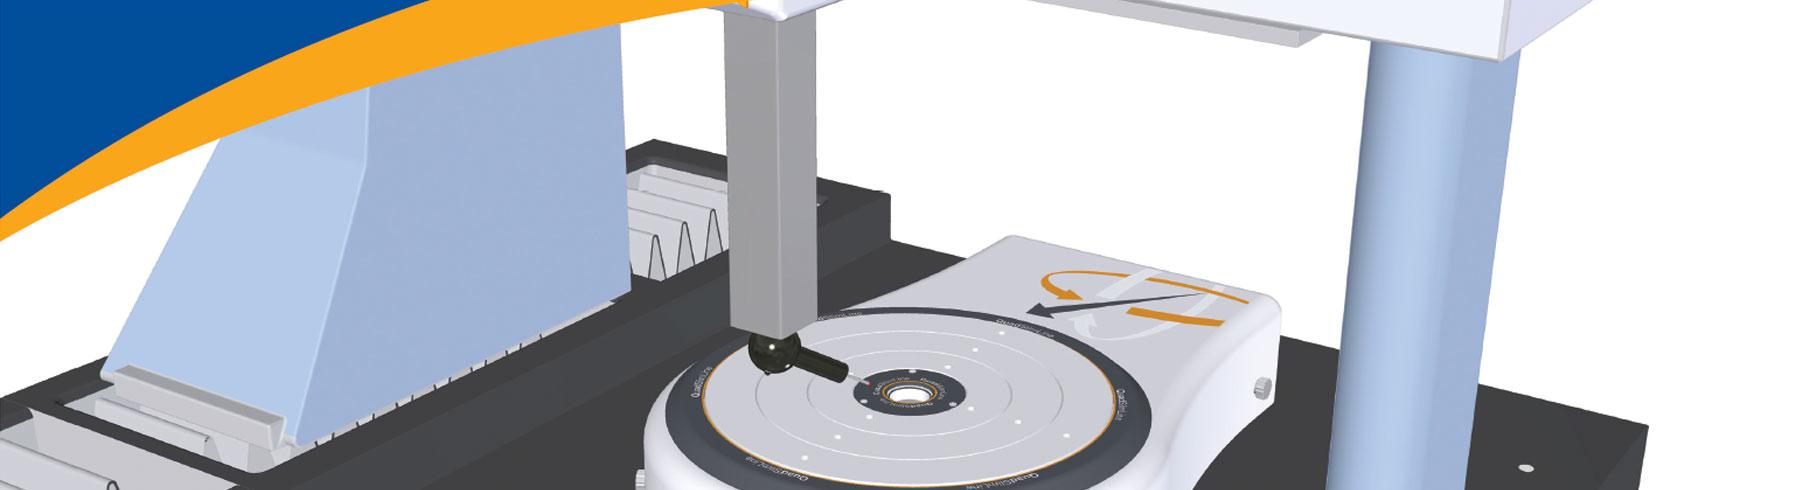 High-Precision-Co-Ordinate